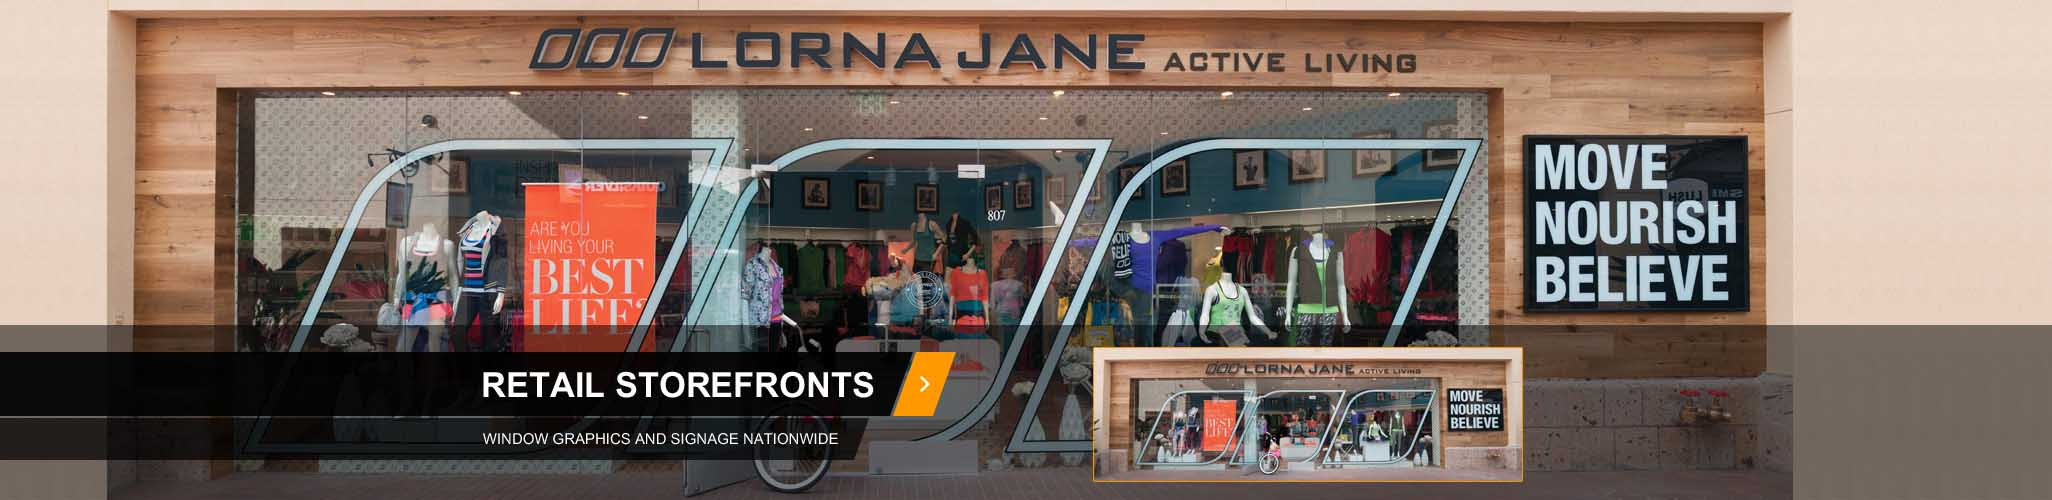 retailStorefront